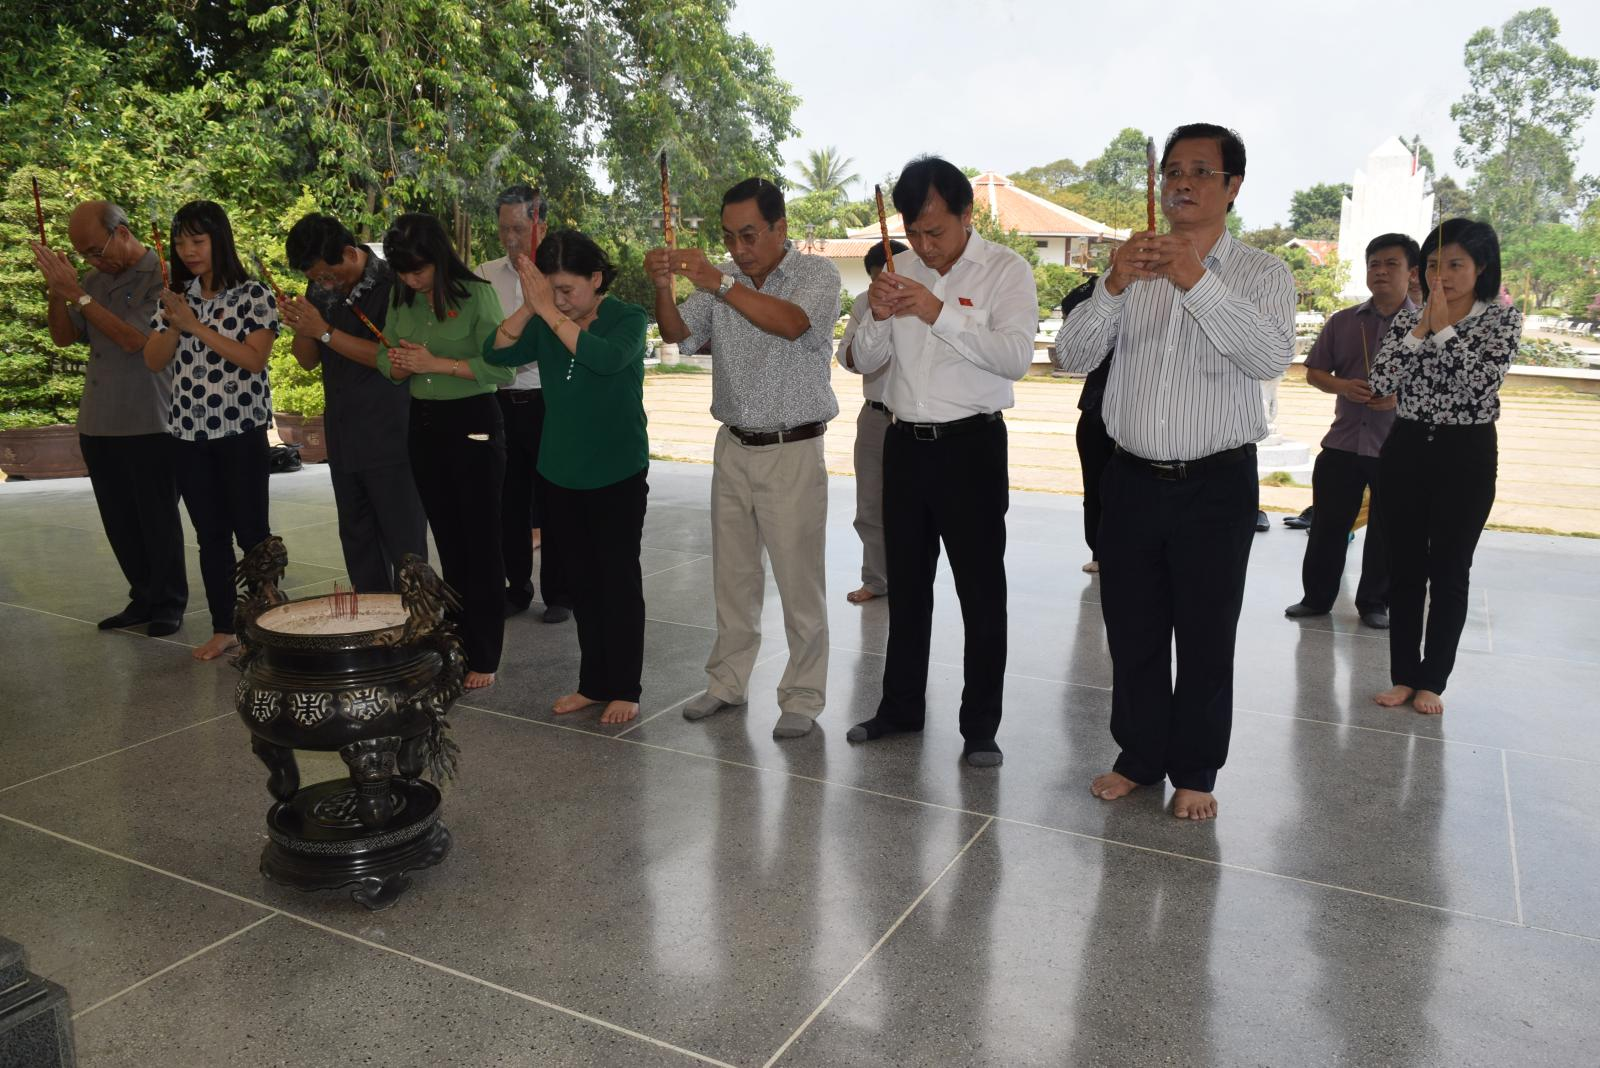 Đồng chí Hoàng Thị Hoa – Phó Chủ nhiệm Ủy ban Văn hóa, Giáo dục, Thanh niên, Thiếu niên và Nhi đồng của Quốc hội đã đến viếng và dâng hương, dâng hoa cụ Phó bảng Nguyễn Sinh Sắc